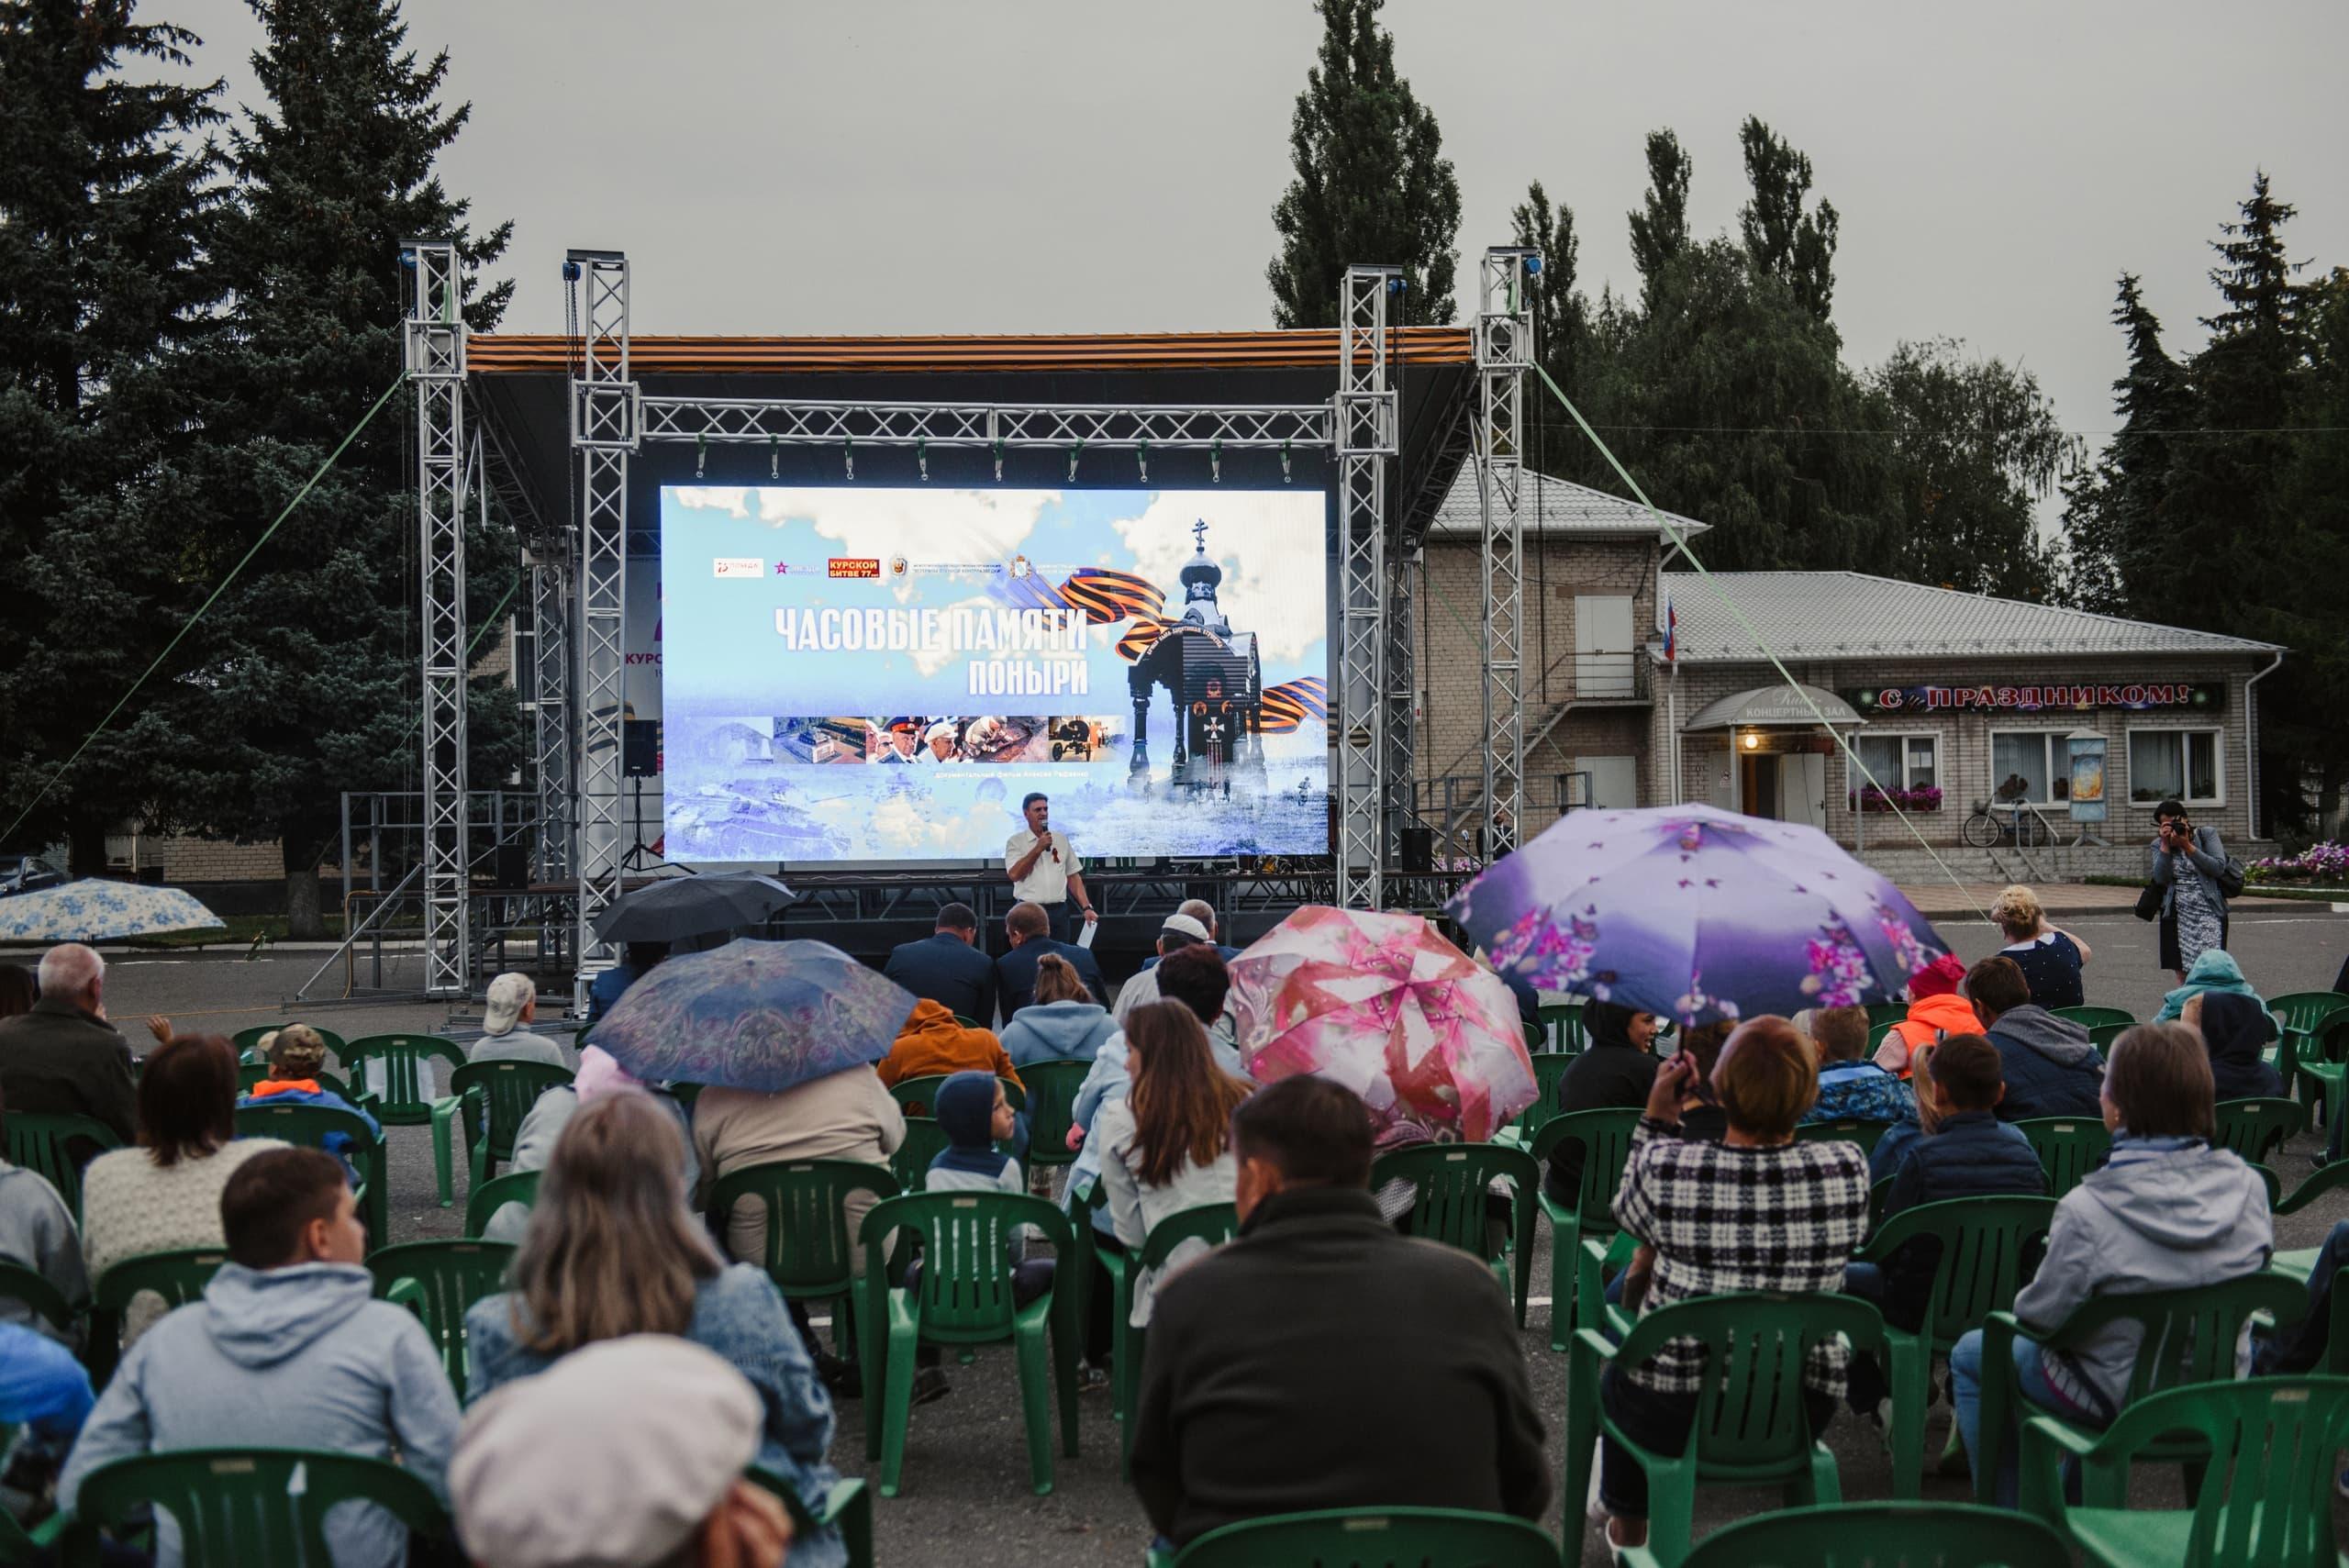 В Понырях встретили 97-летнюю участницу Курской битвы, открыли стелу и показали кино